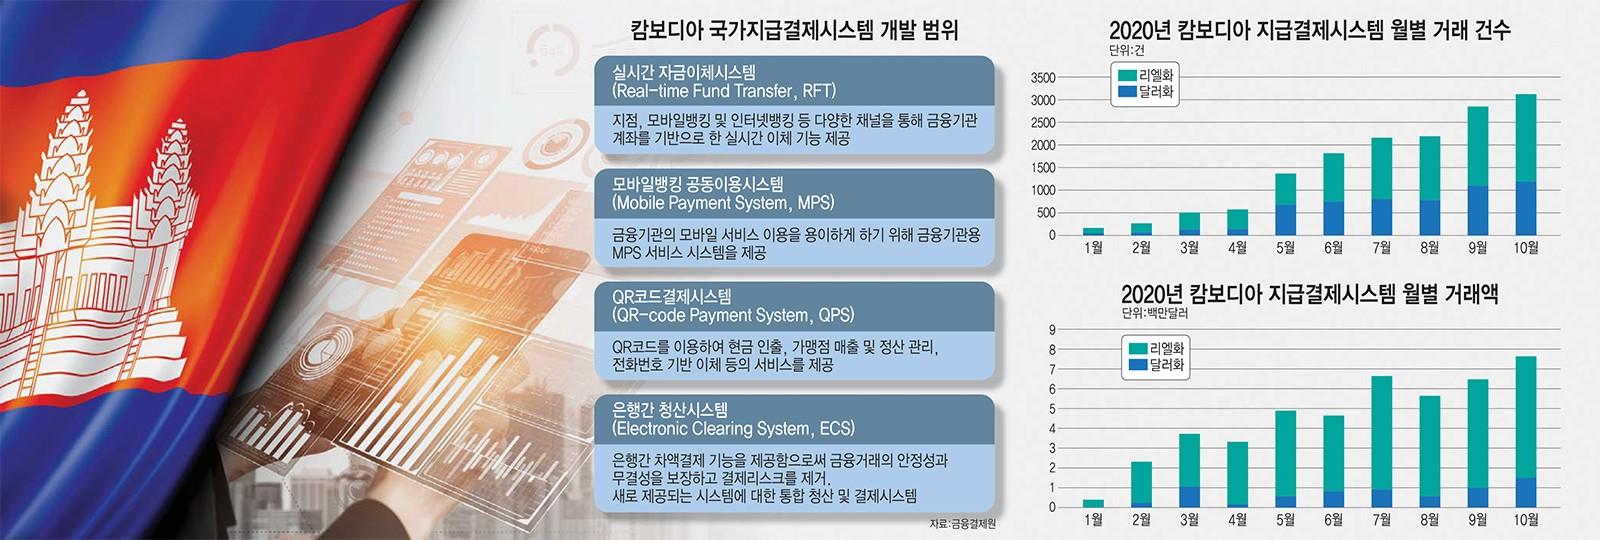 [이슈분석]캄보디아에 '韓 IT금융' 통째로 이식...'K-지급결제' 세계화 포문